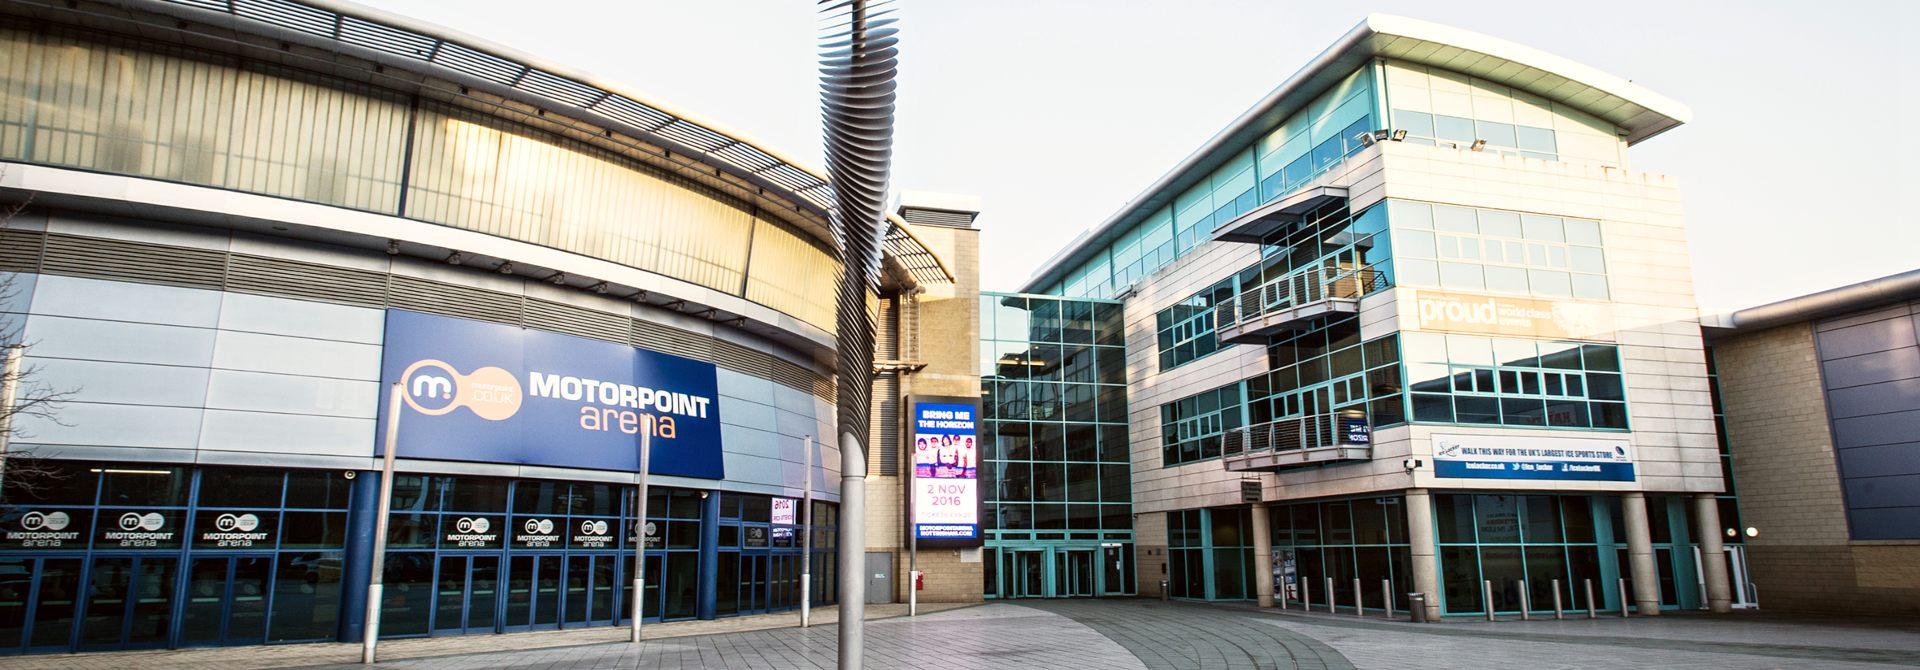 Motorpoint Arena Header